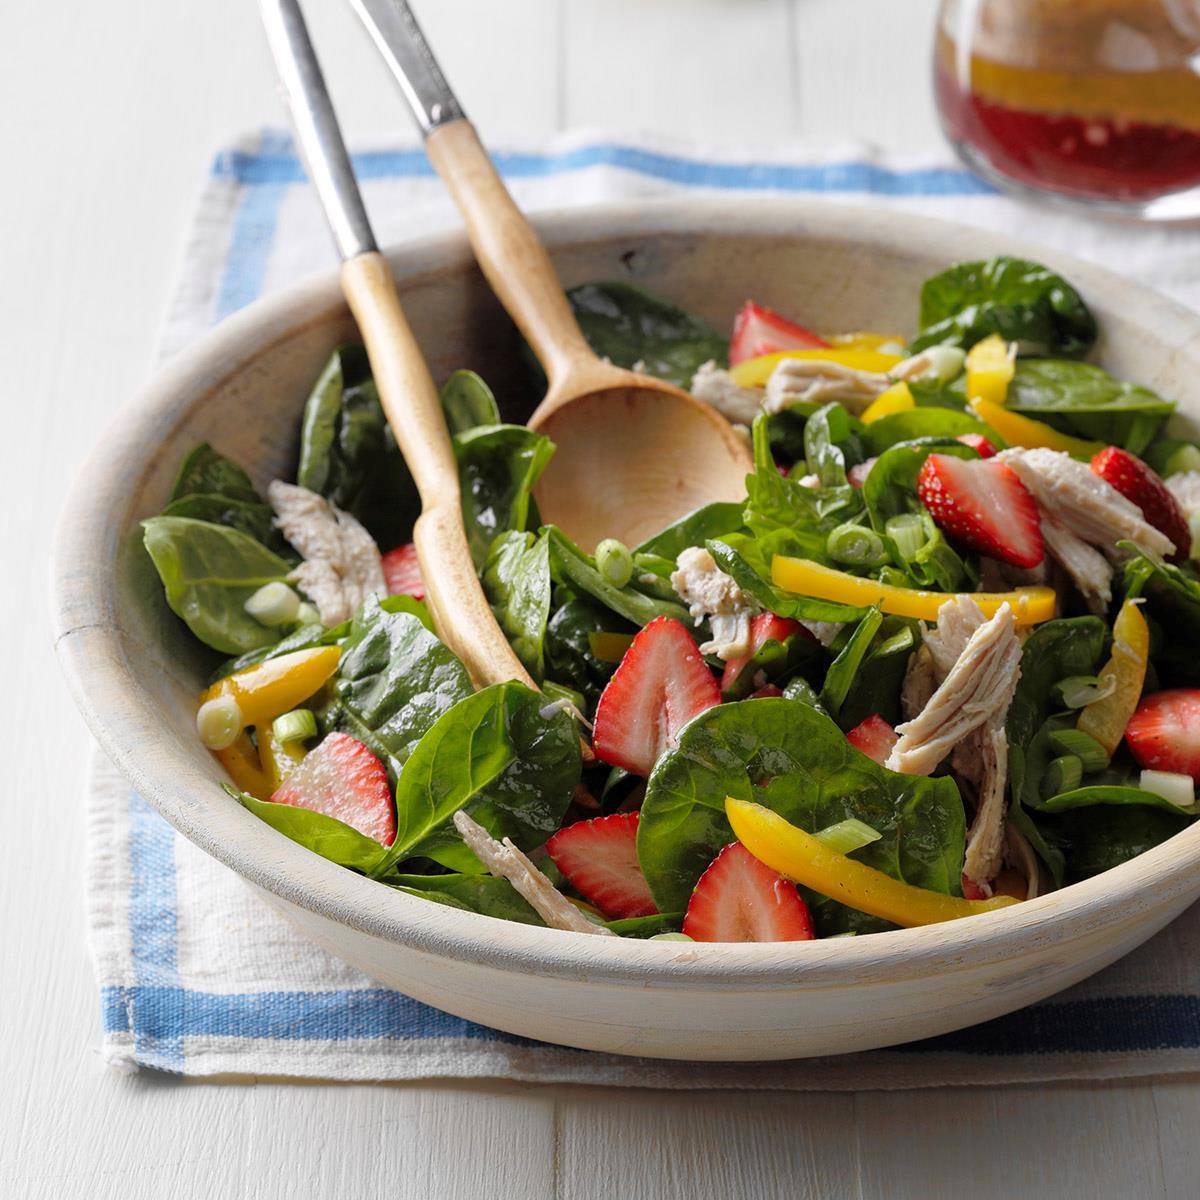 Салат с клубникой, шпинатом и индейкой